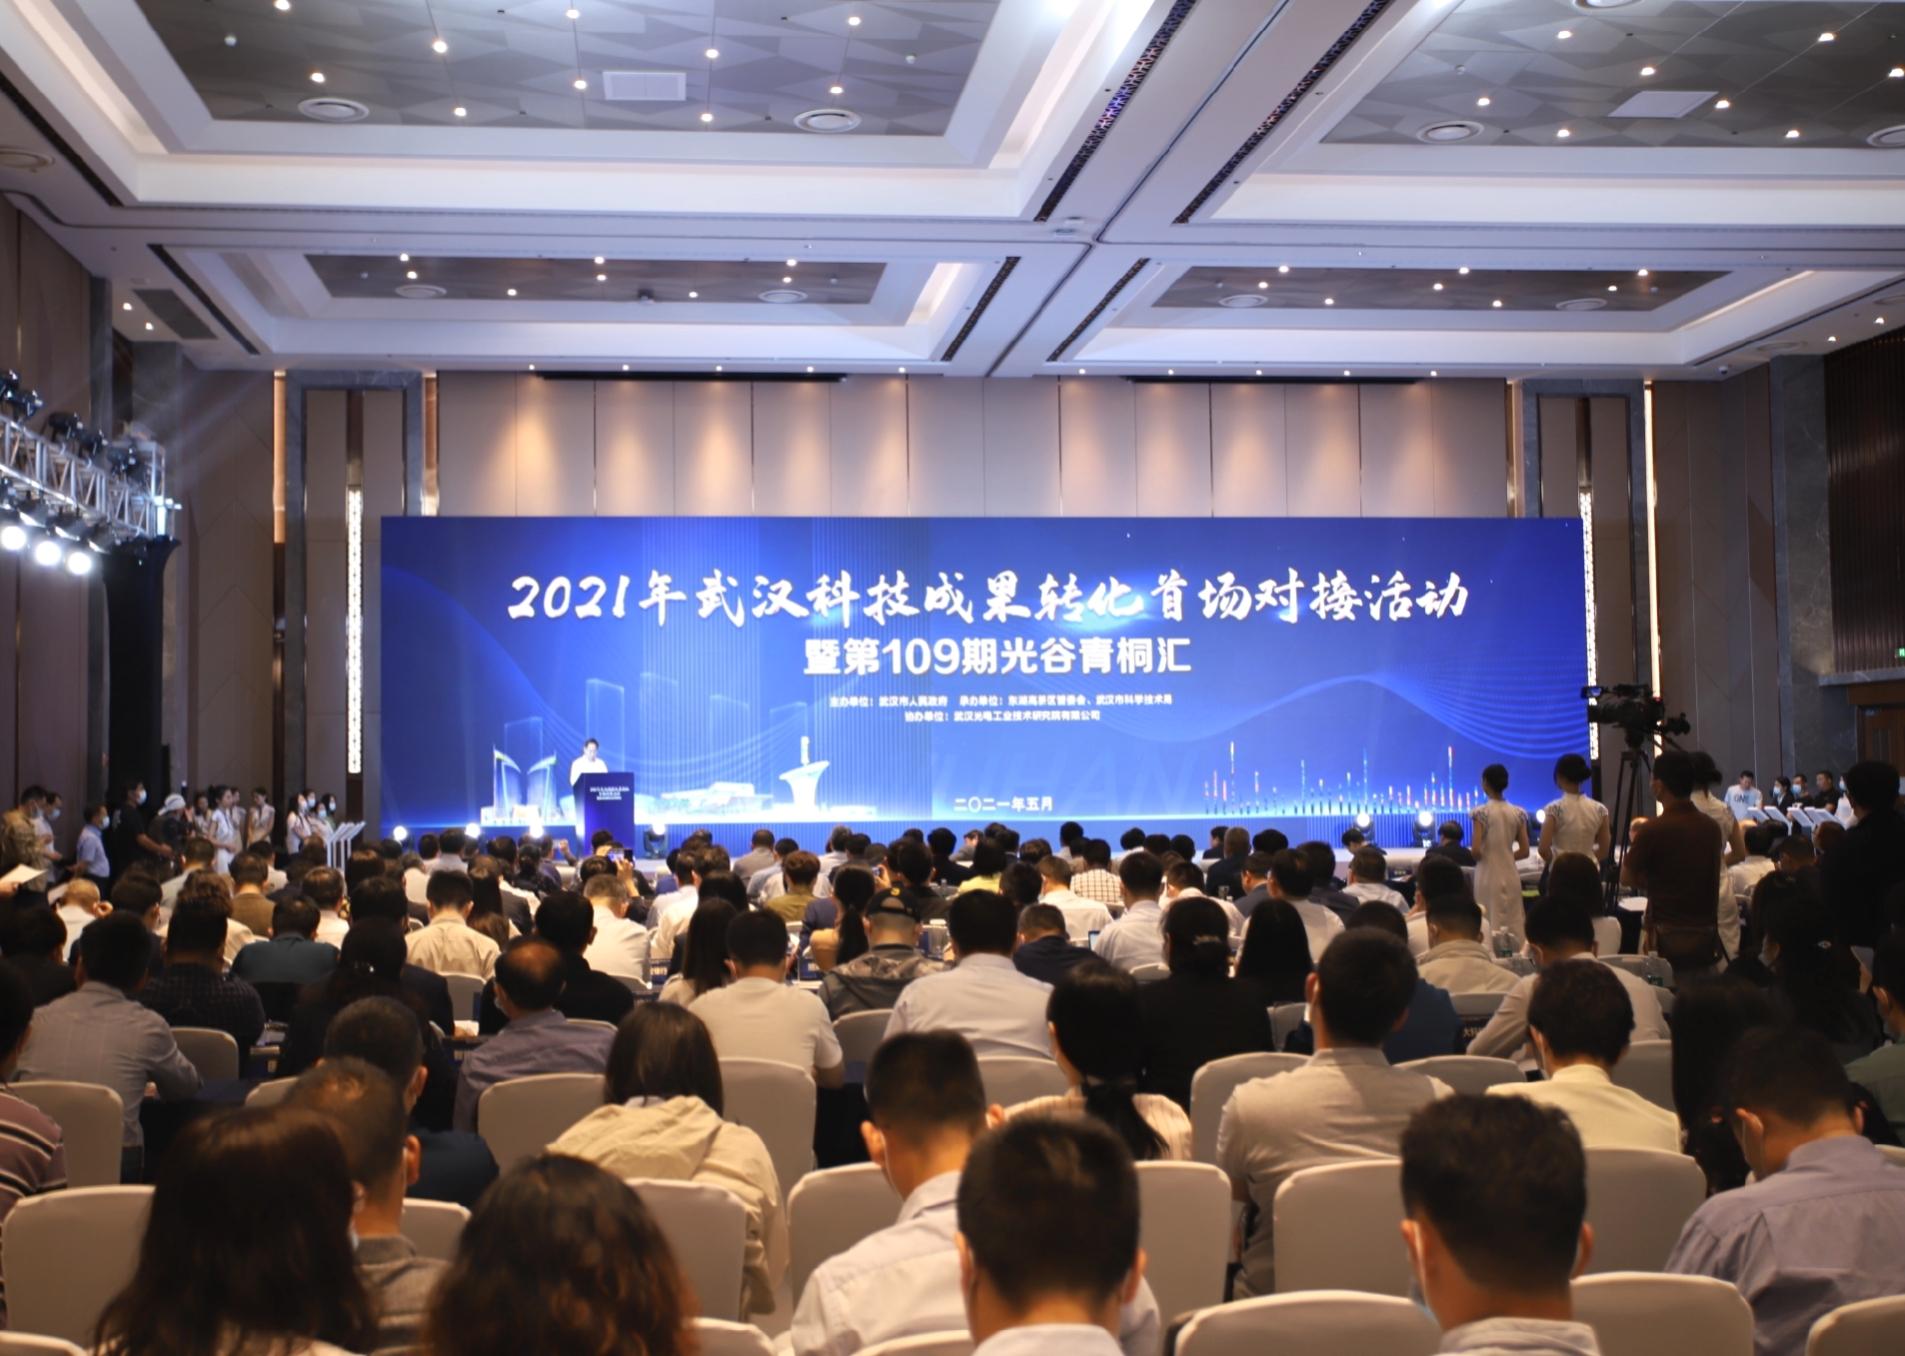 武汉首批科技金融工作站成立、45个科技成果转化项目签约